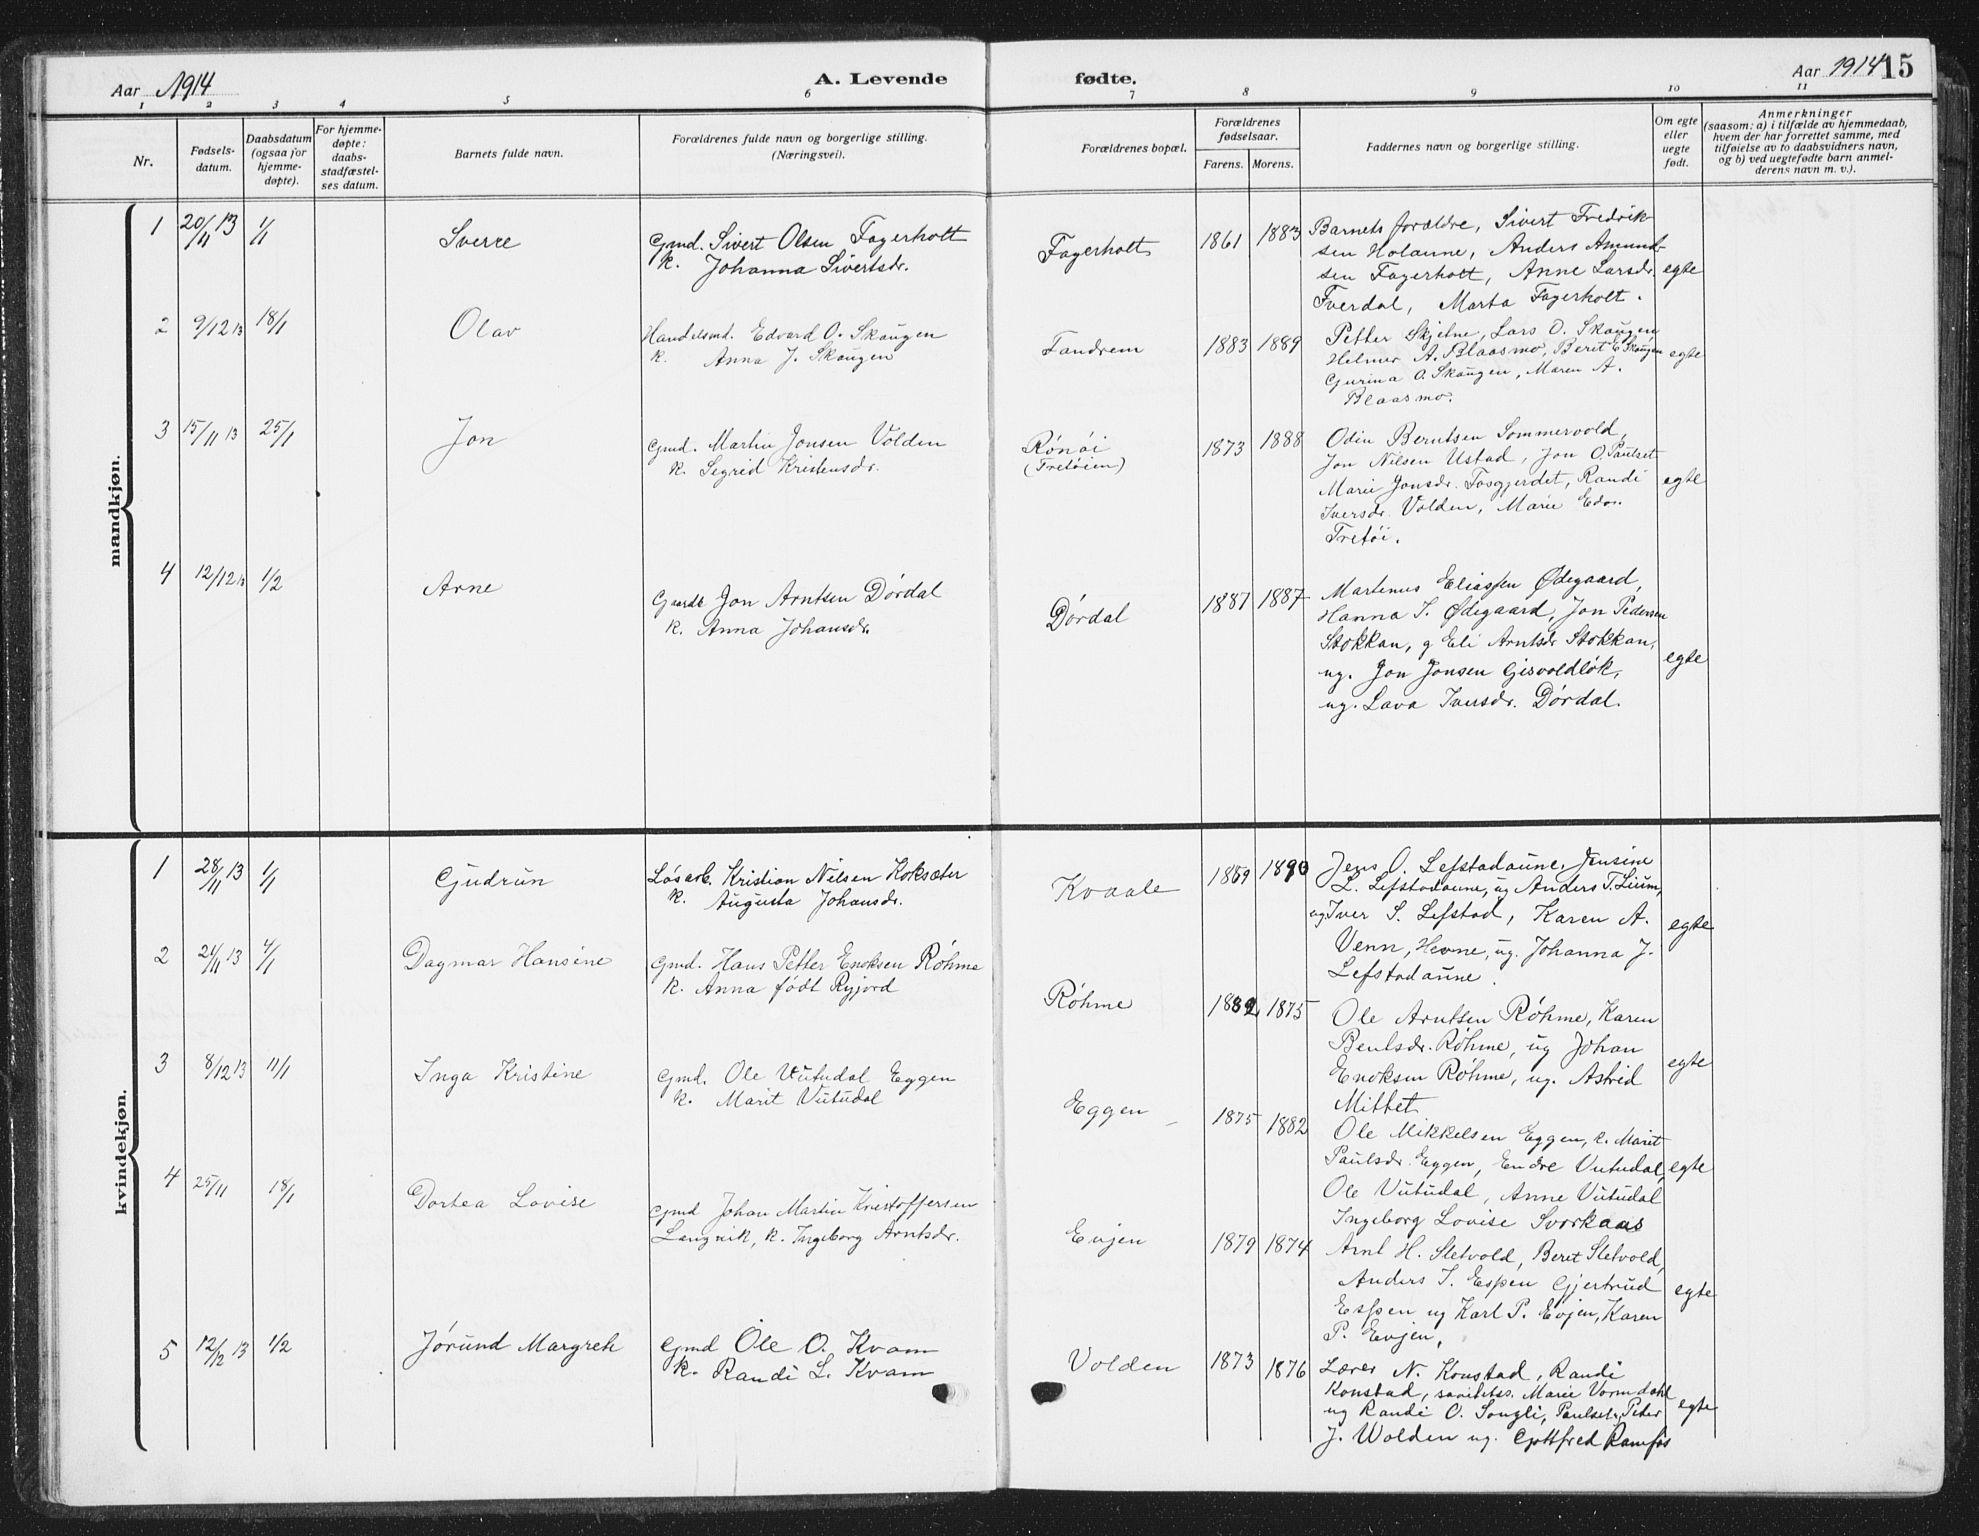 SAT, Ministerialprotokoller, klokkerbøker og fødselsregistre - Sør-Trøndelag, 668/L0820: Klokkerbok nr. 668C09, 1912-1936, s. 15